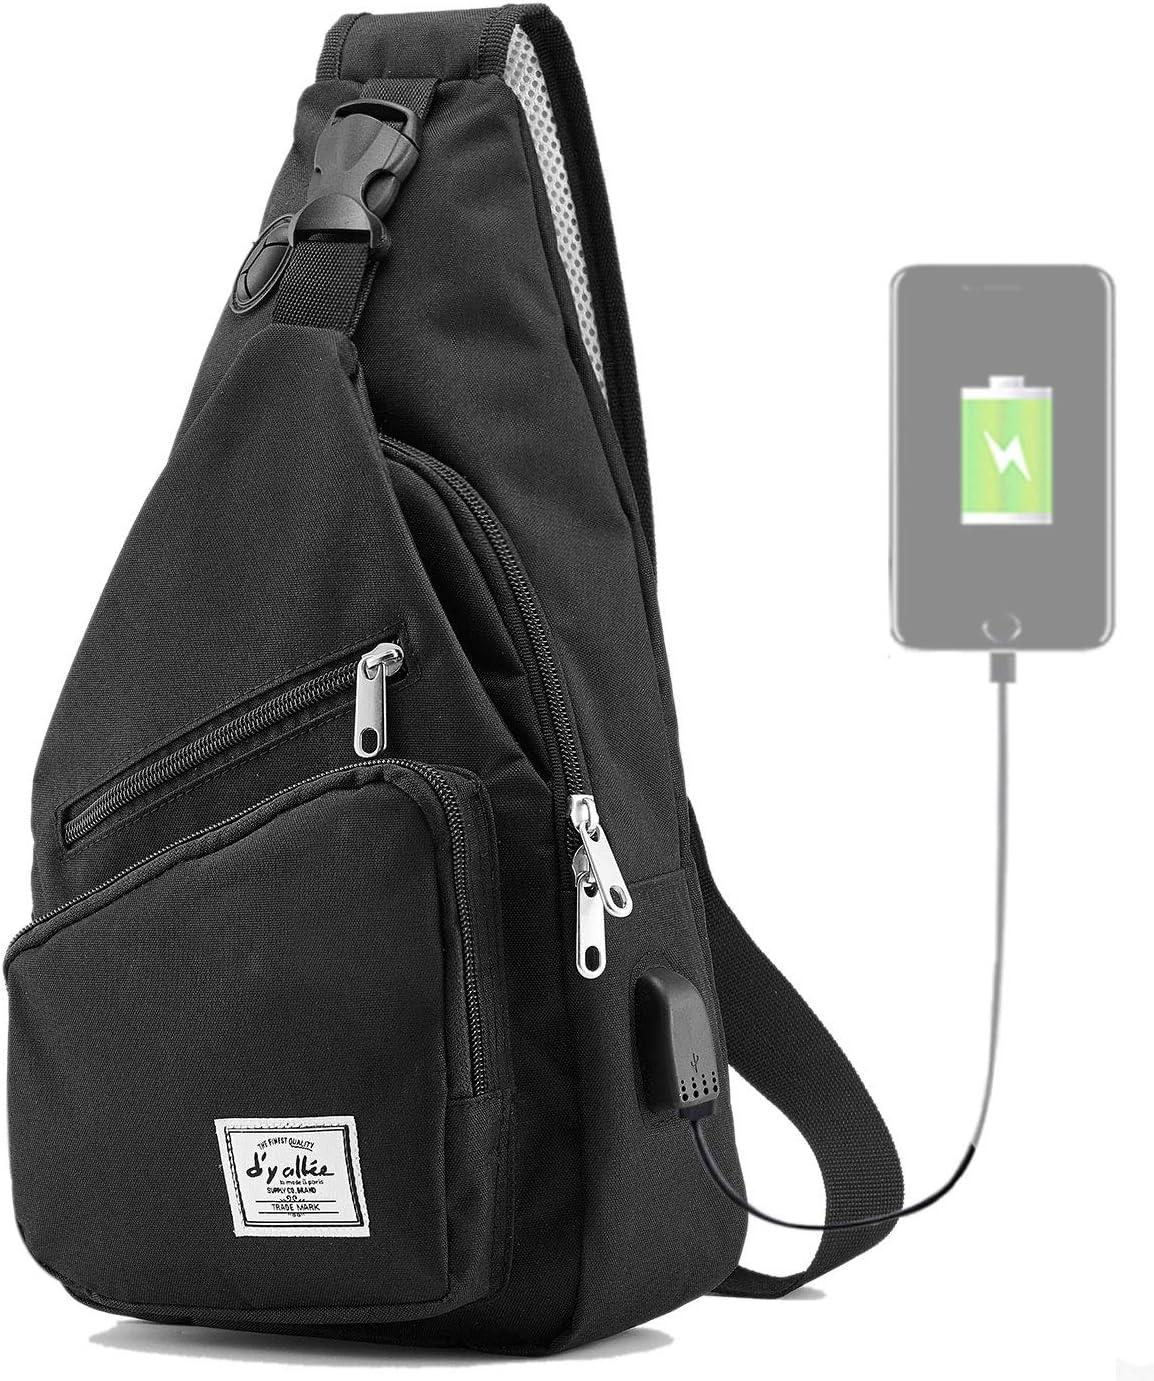 Men Genuine Leather Chest Bag Shoulder Bag Sling Pack Crossbody Handbag Sports